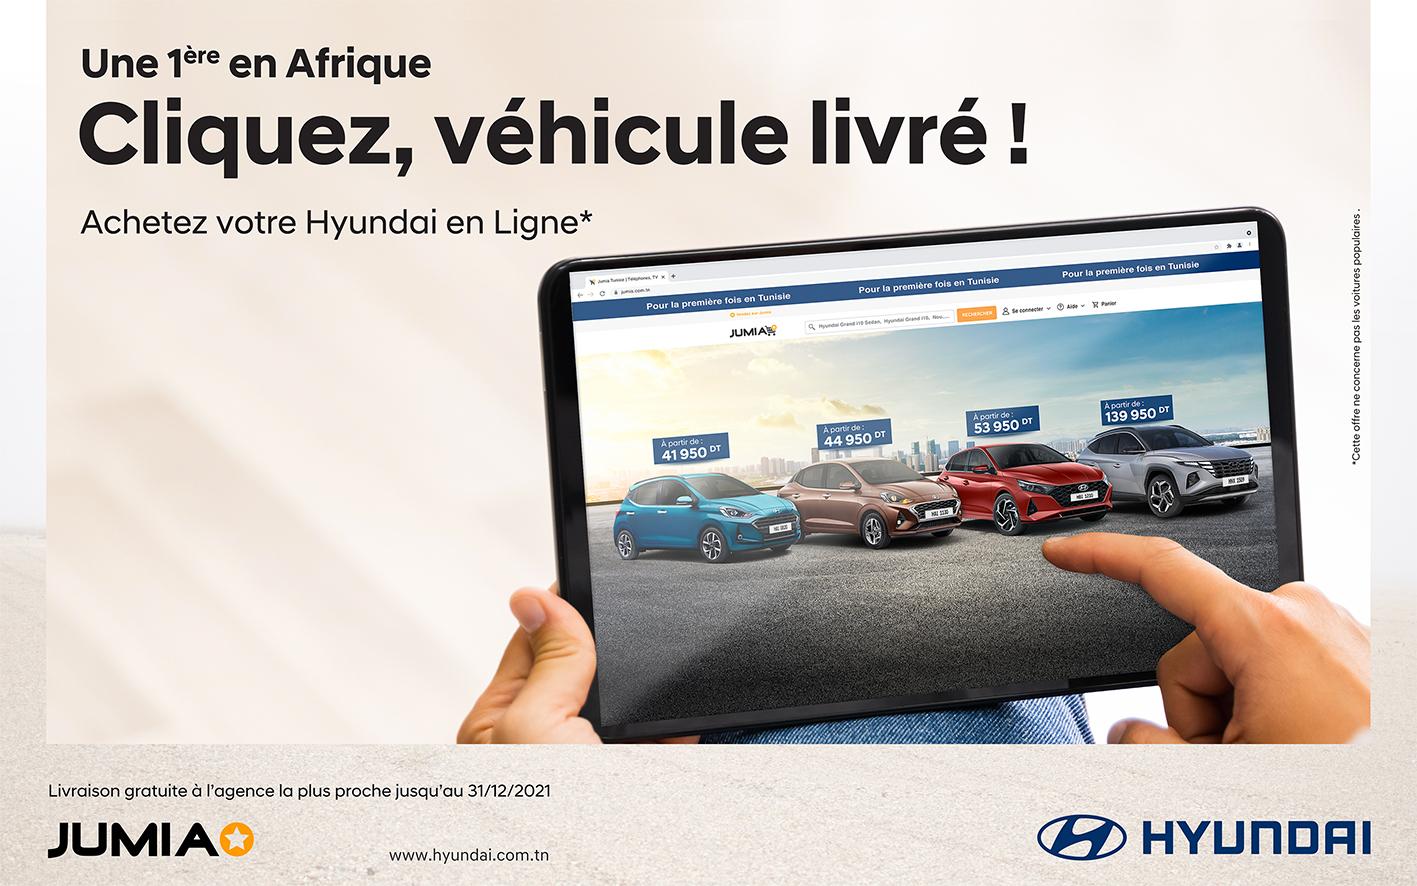 Hyundai s'associe à Jumia pour vendre des voitures en ligne